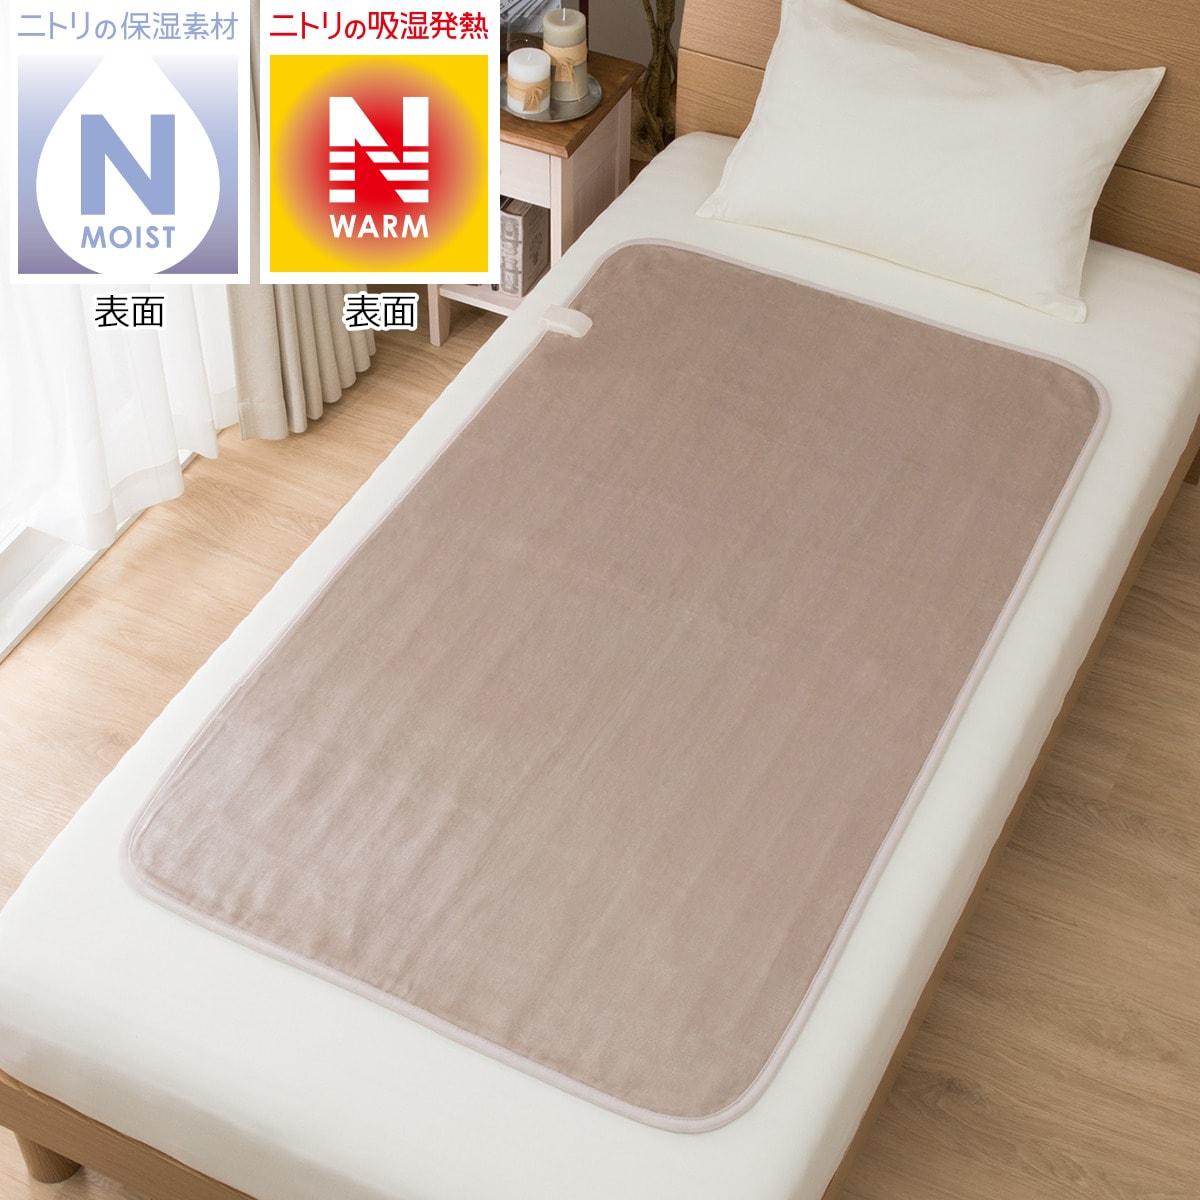 電気敷き毛布(NW モイストo-iMO 501)